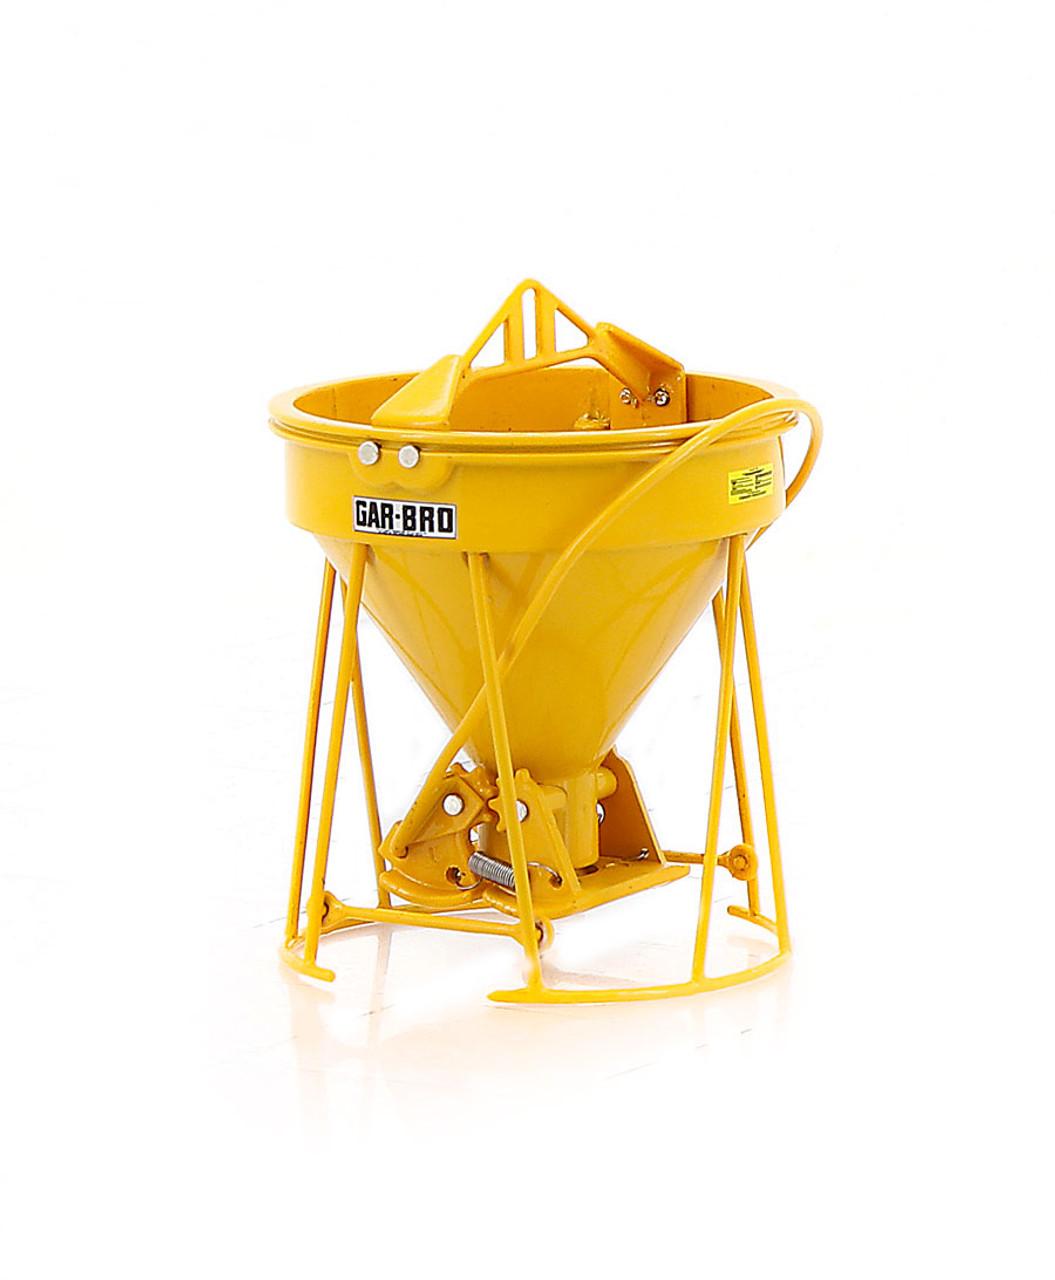 """Gar-Bro """"R"""" Series Lightweight Round-Gate Concrete Bucket - Yellow"""